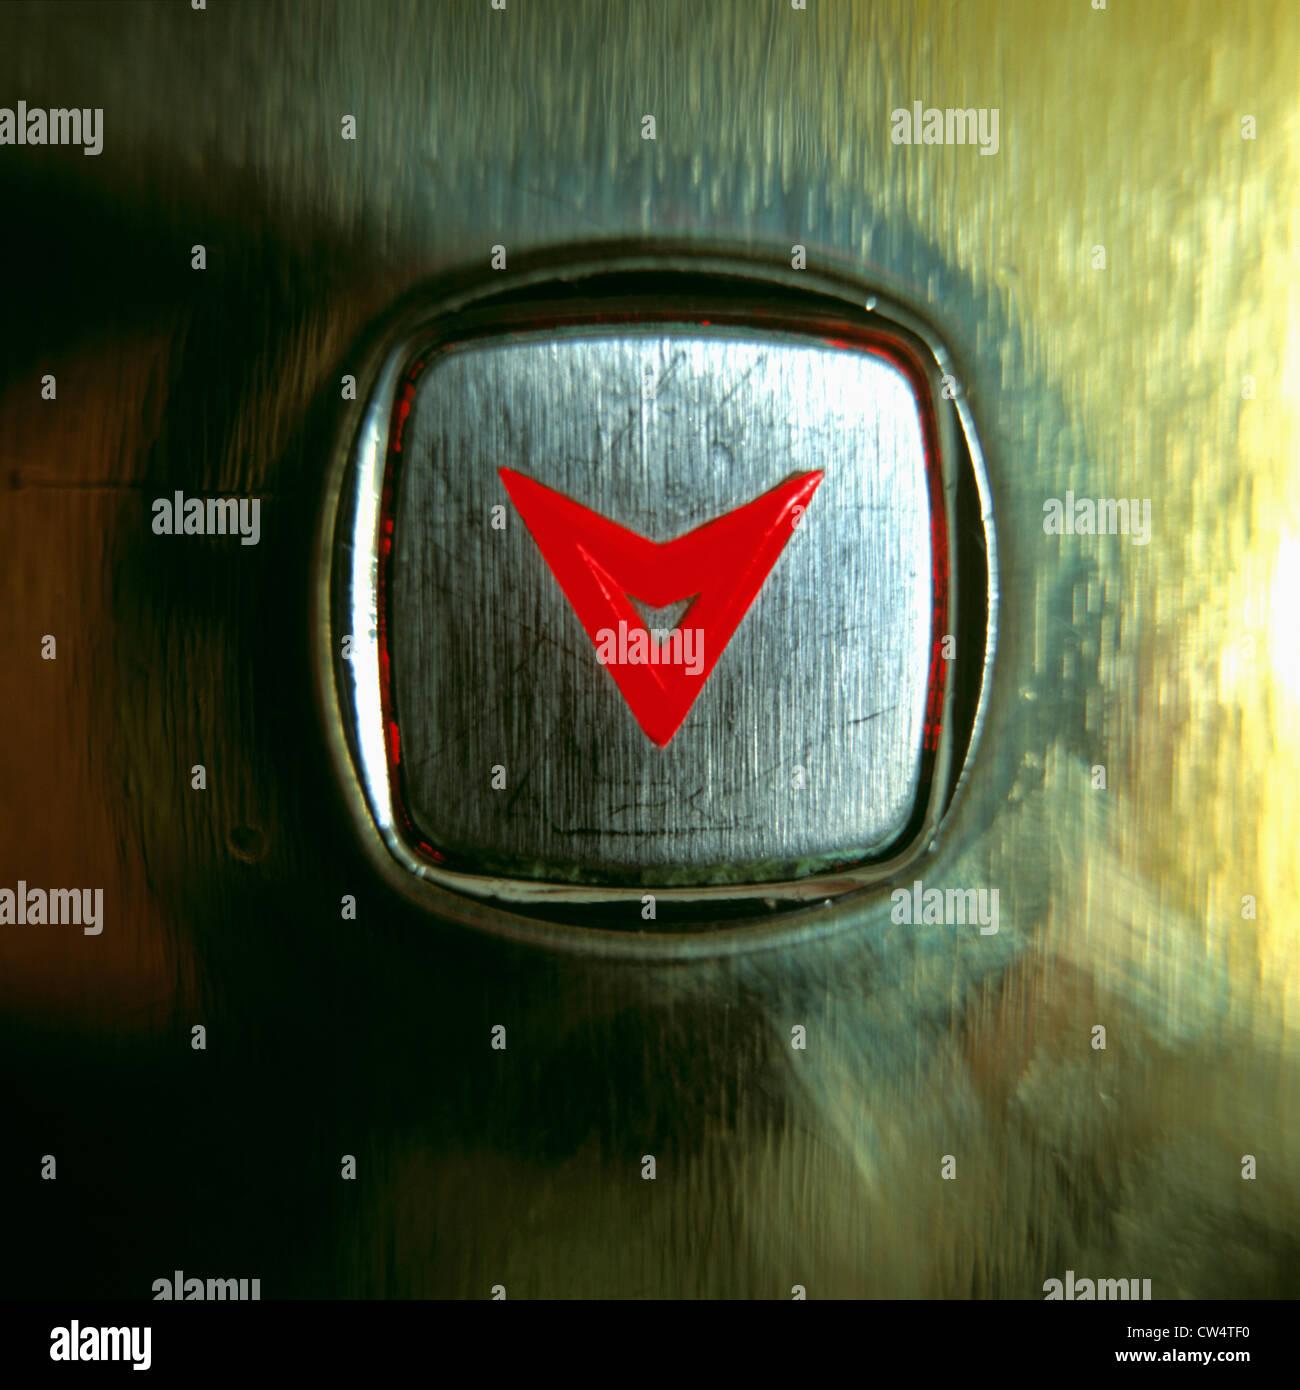 Cerca de un ascensor un botón con una flecha apuntando hacia abajo rojo brillante Imagen De Stock